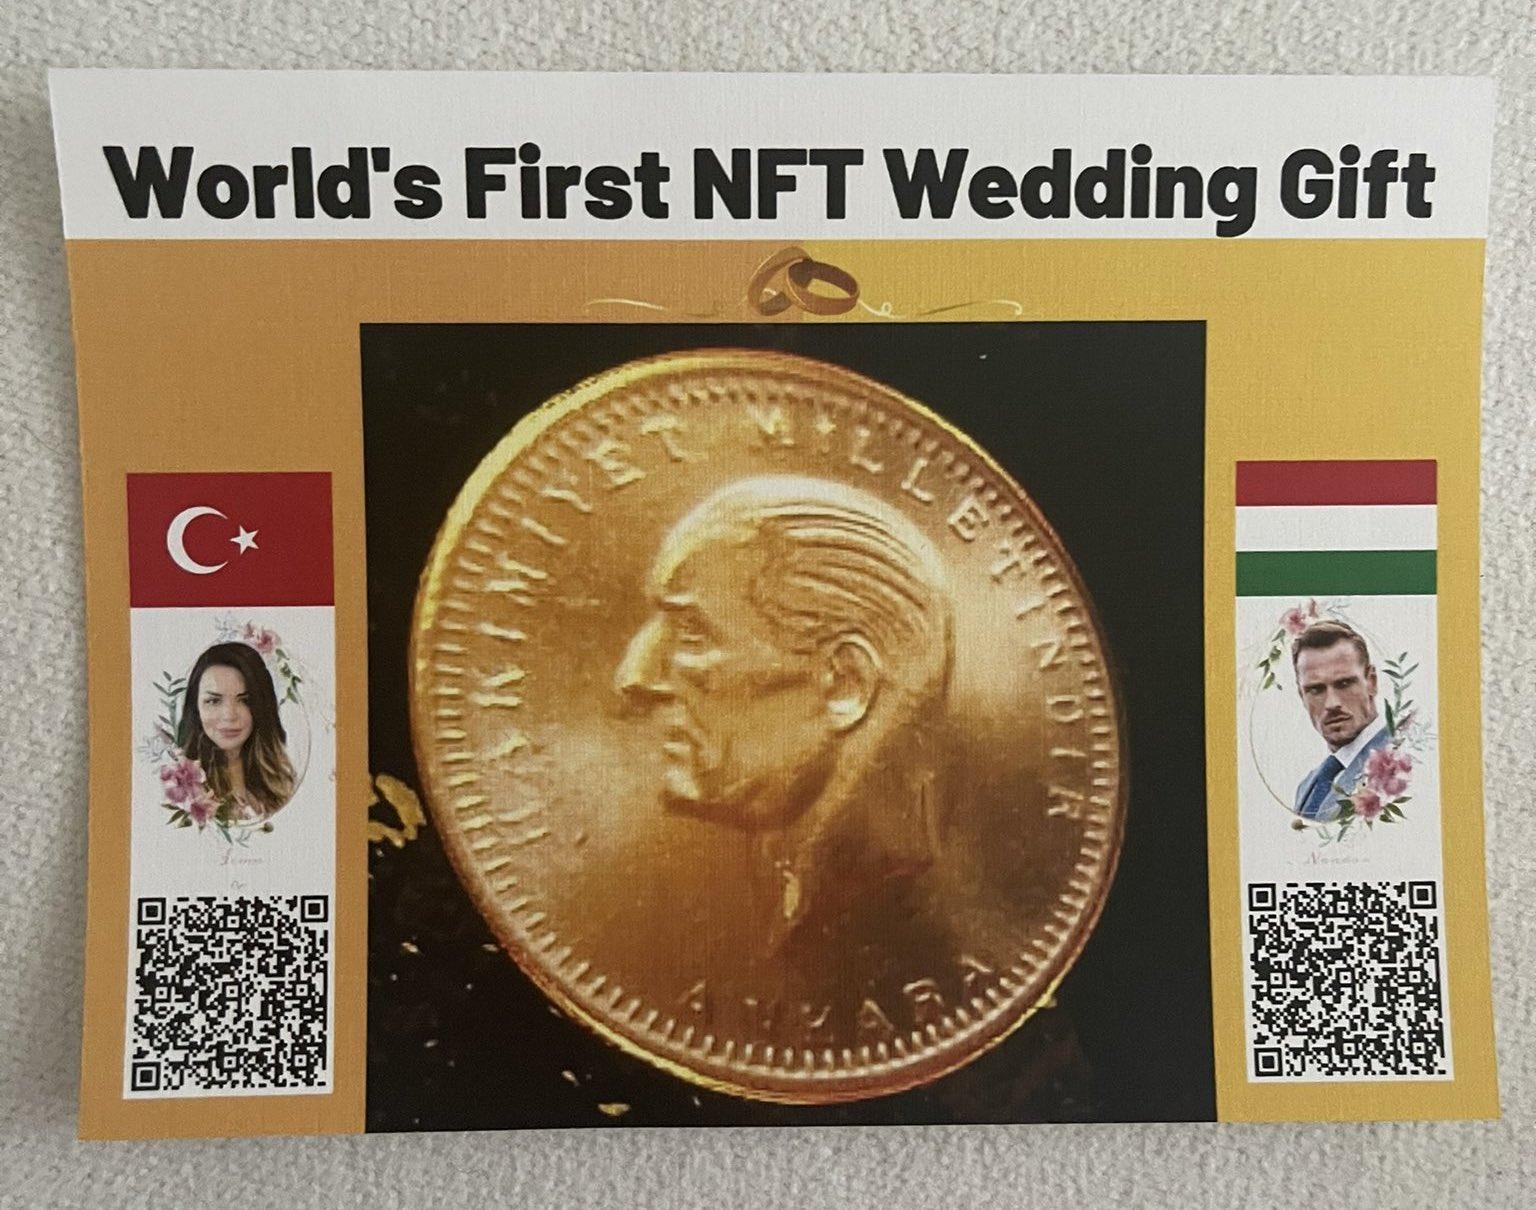 Dünyada bir ilk: Nikah töreninde geline NFT altın takıldı!